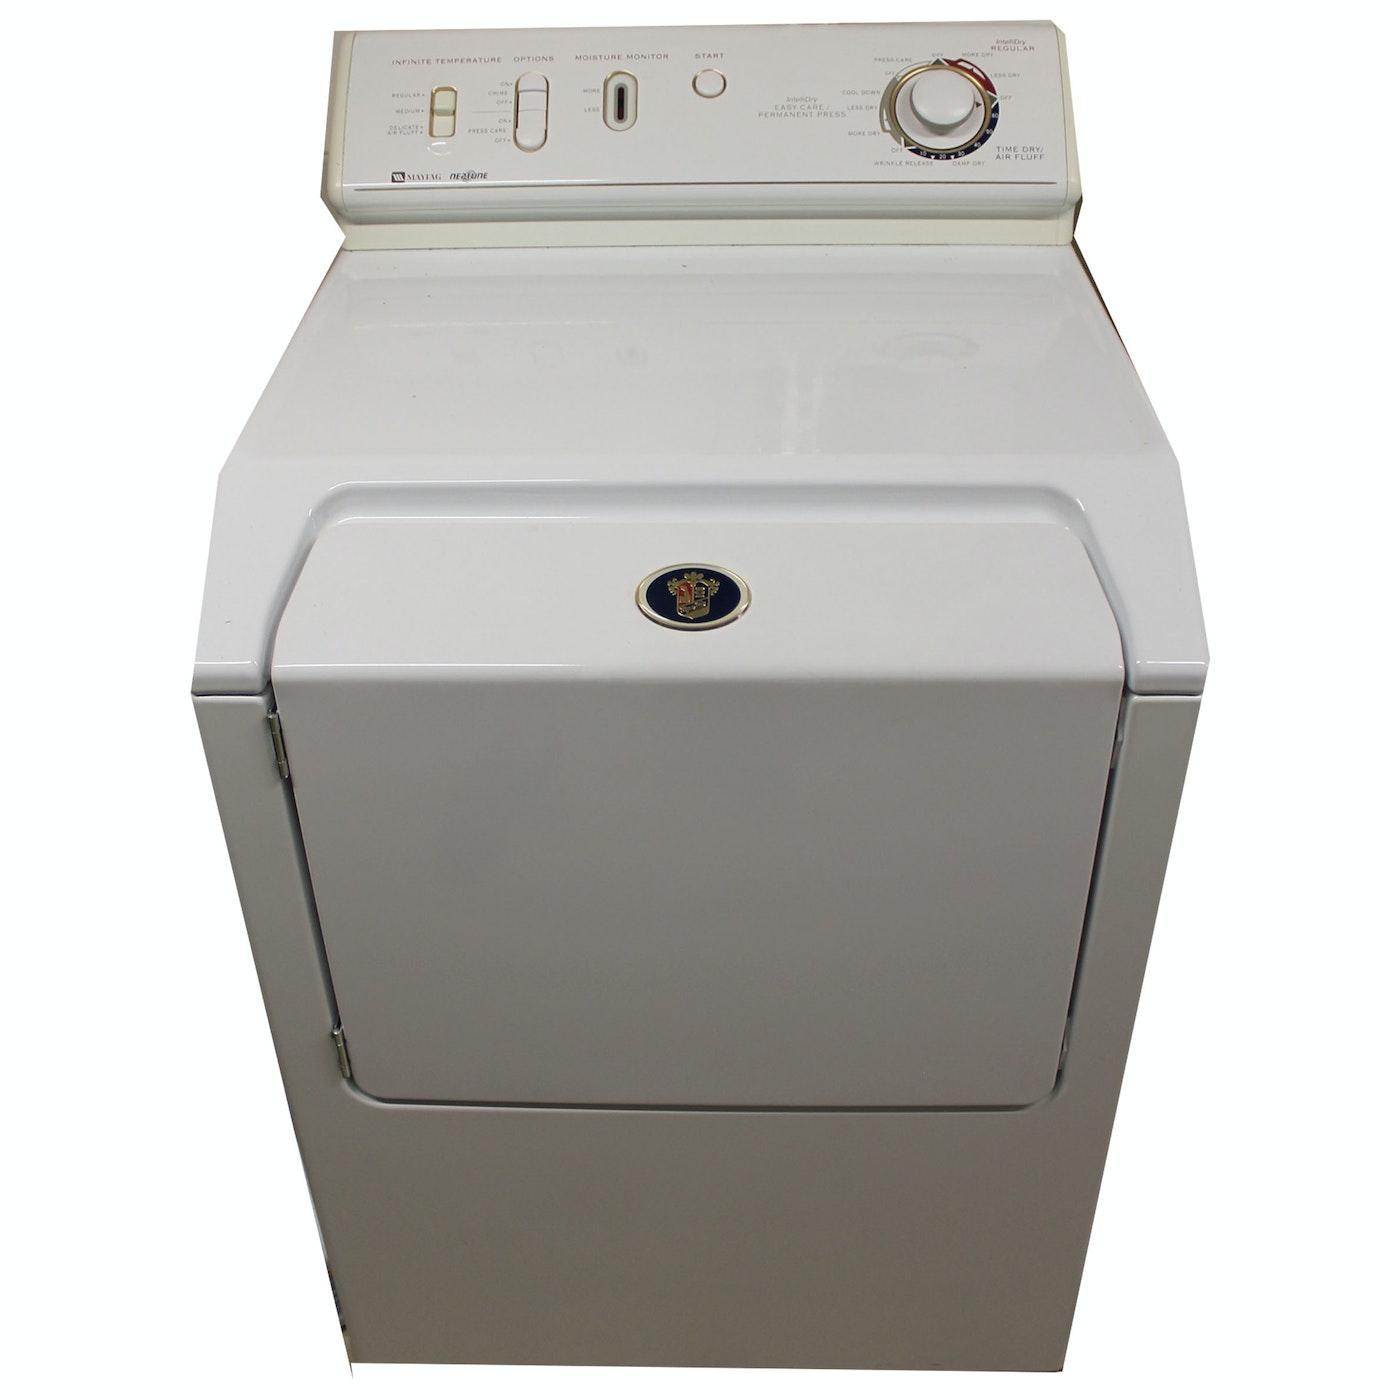 Maytag Neptune Dryer